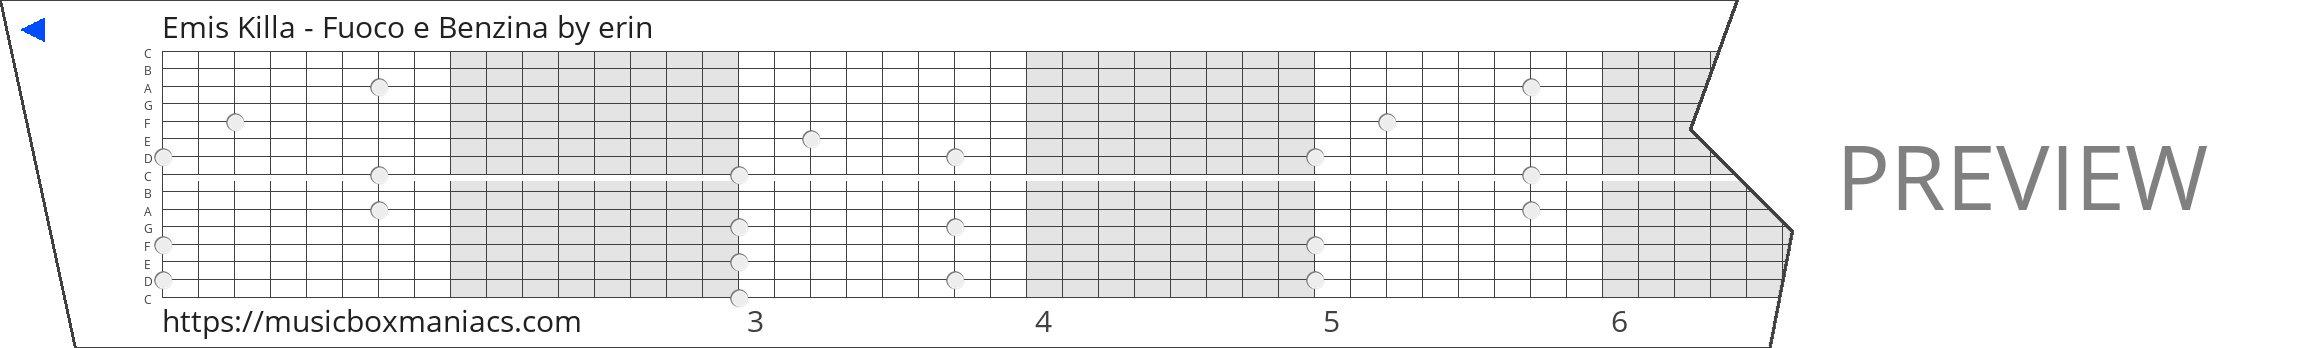 Emis Killa - Fuoco e Benzina 15 note music box paper strip